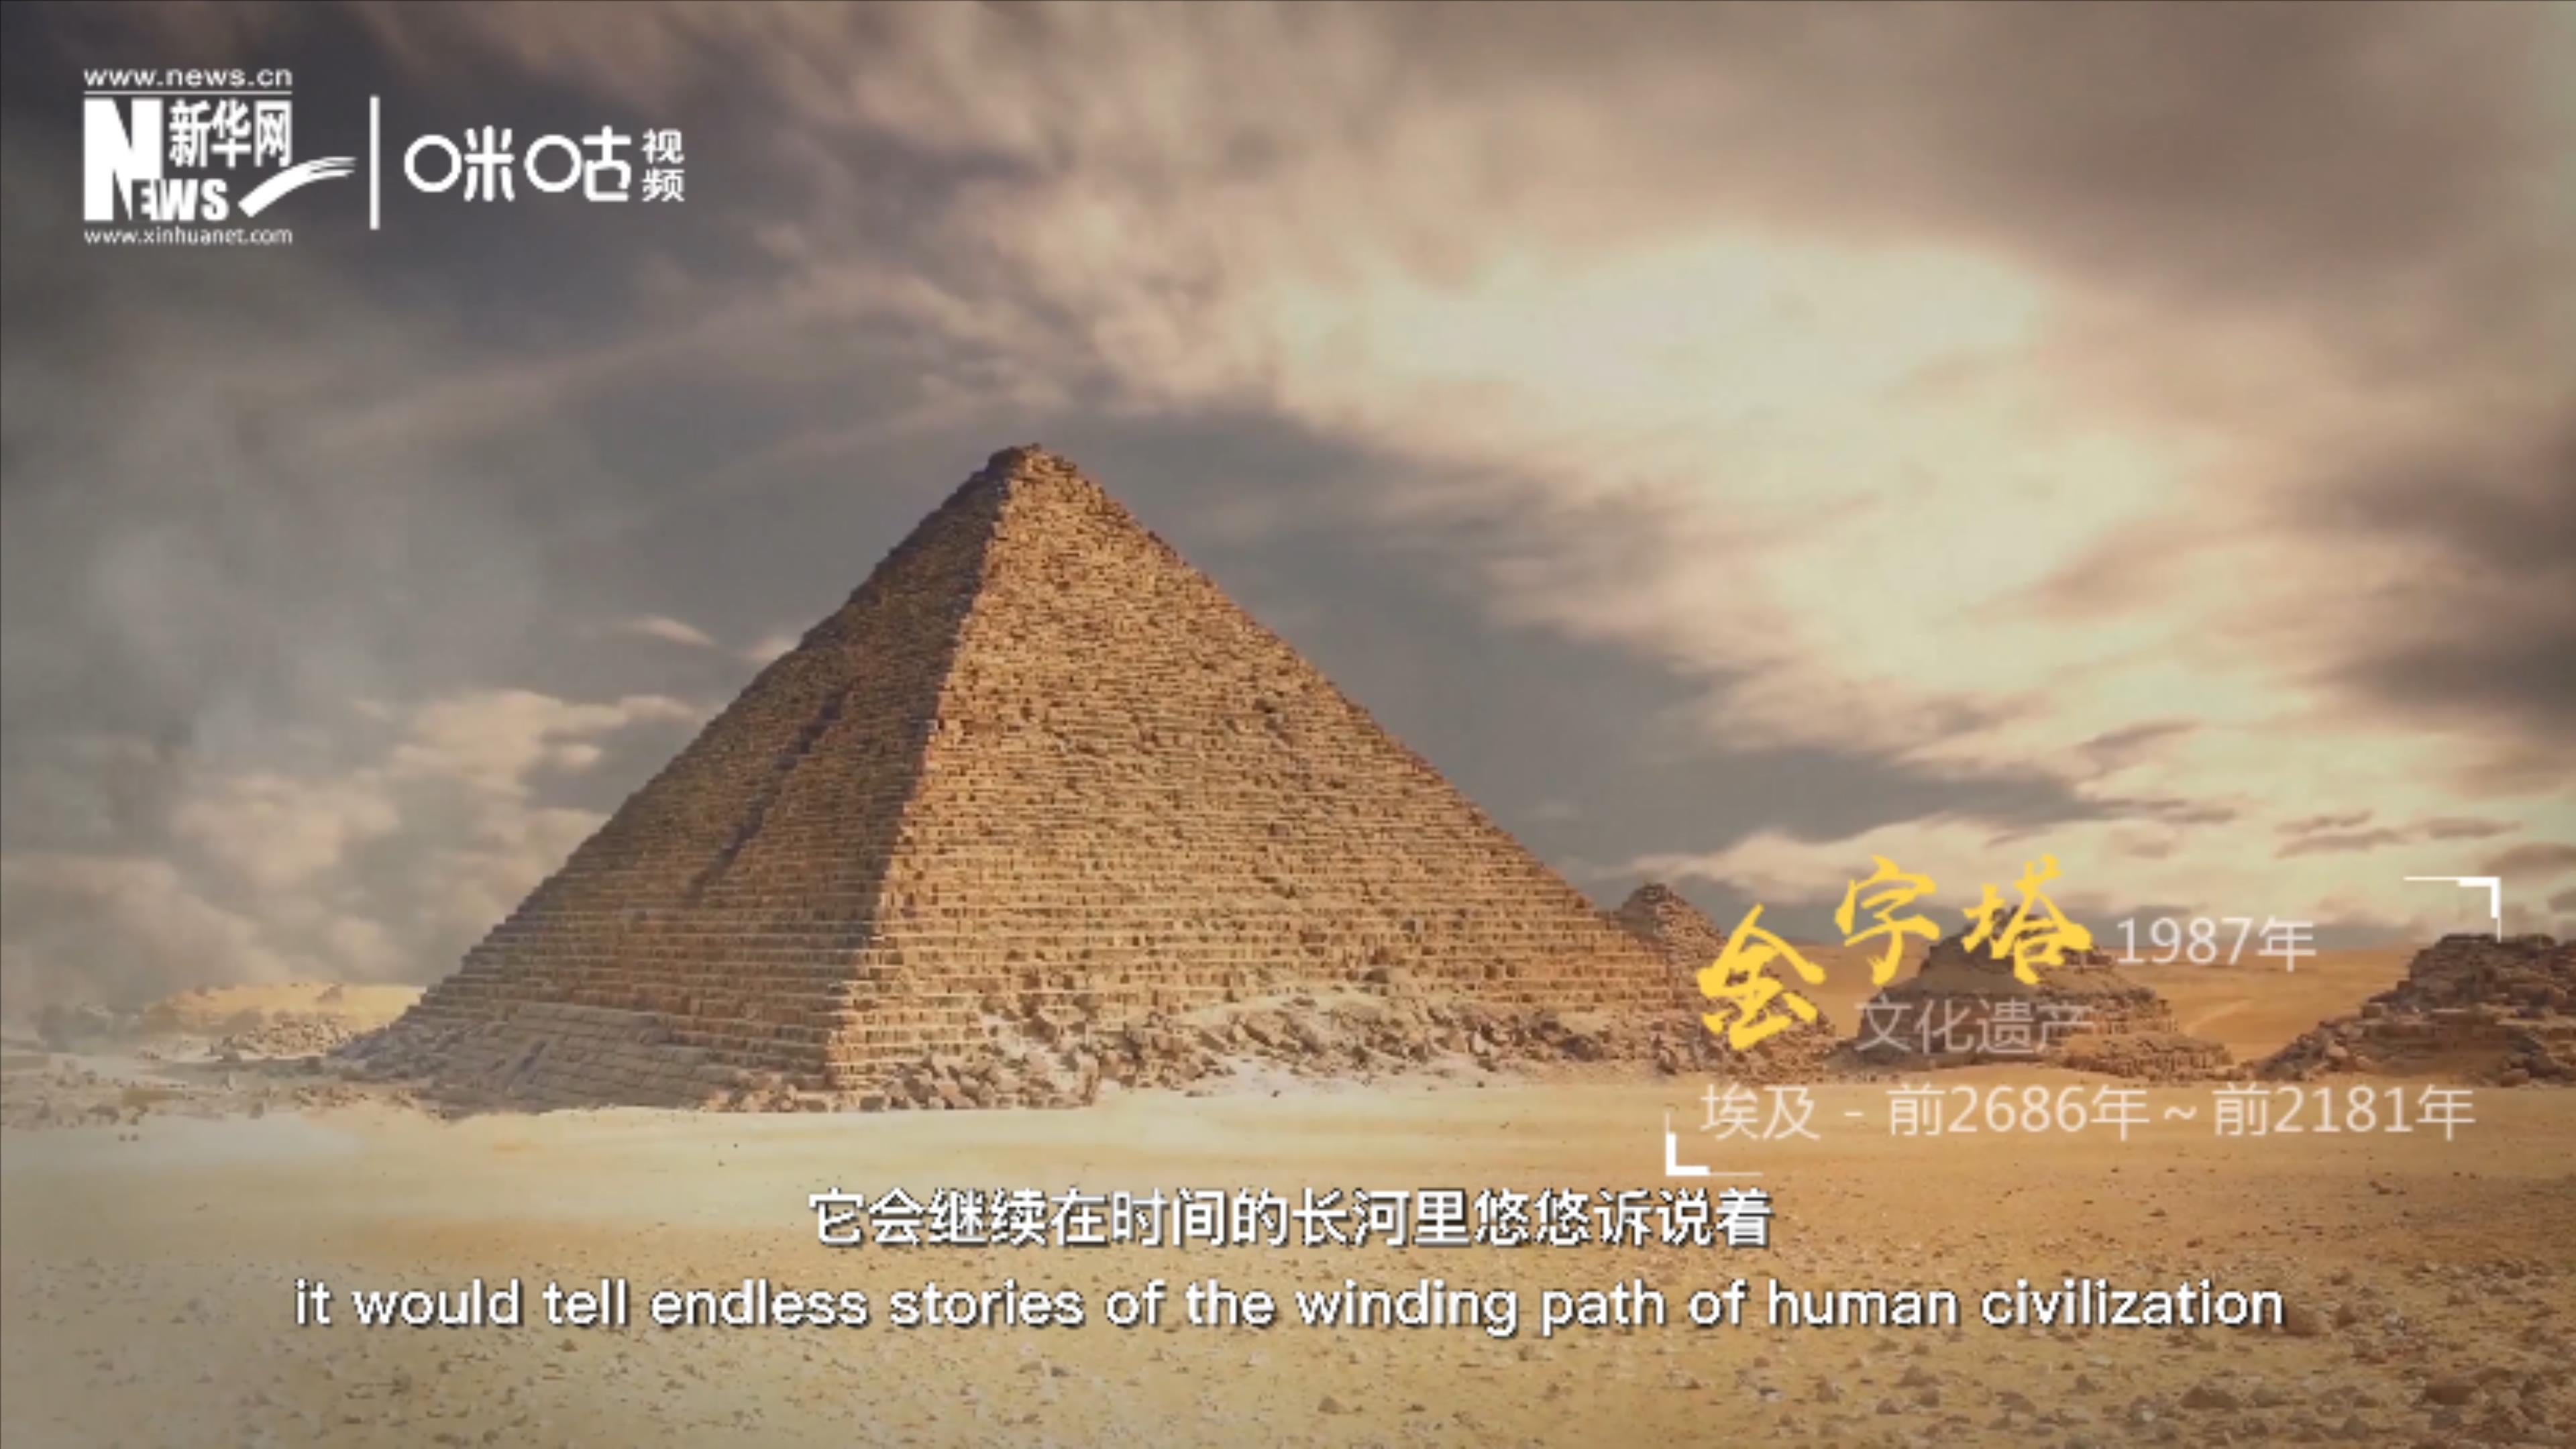 《世界遺産名錄》已經收錄了全世界1121項遺産